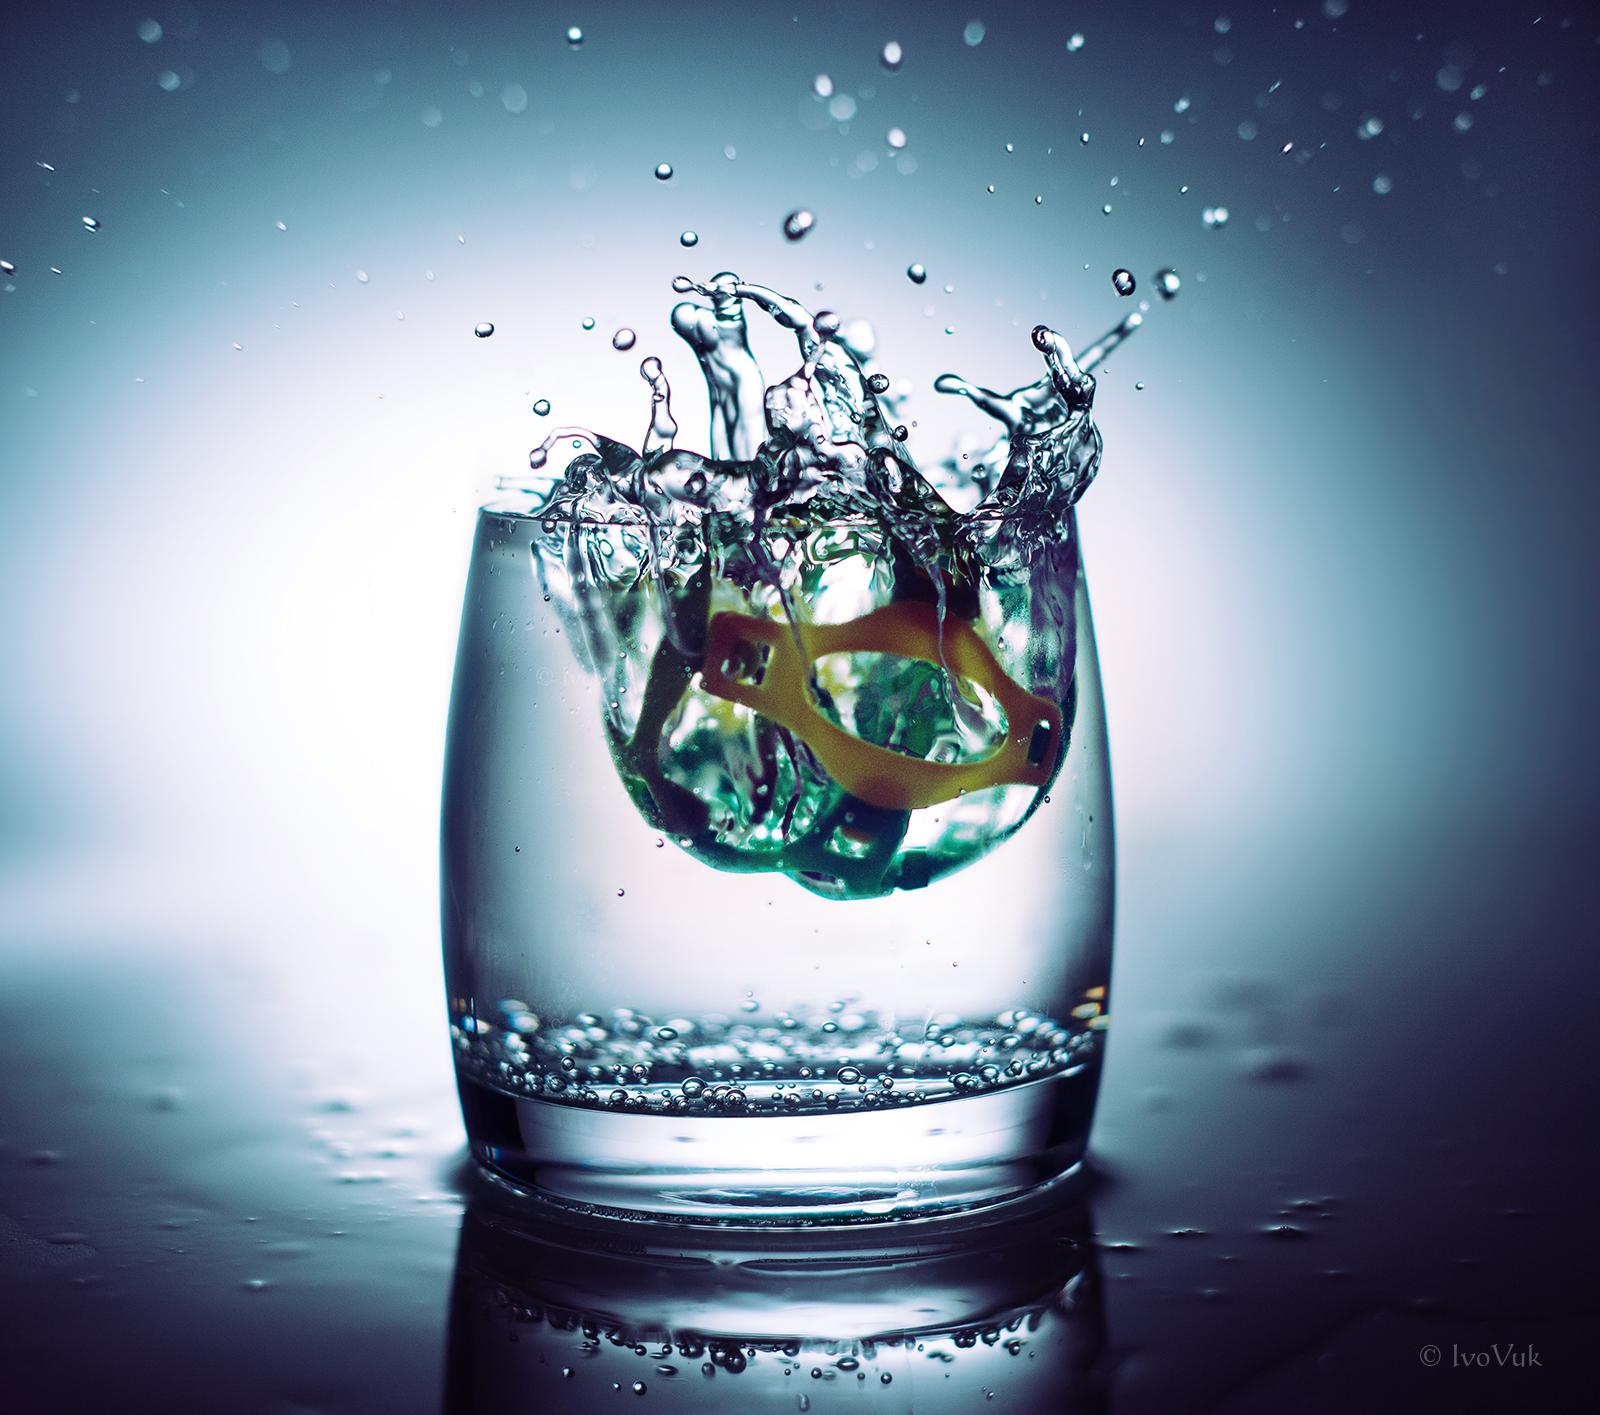 ccadc7dafa Sfondi : astratto, acqua, blu, bere, bicchiere, Nikon, bagnato, bar,  liquido, palla, puro, fresco, H2O, Cubetto di ghiaccio, naturale, far  cadere, bolla, ...